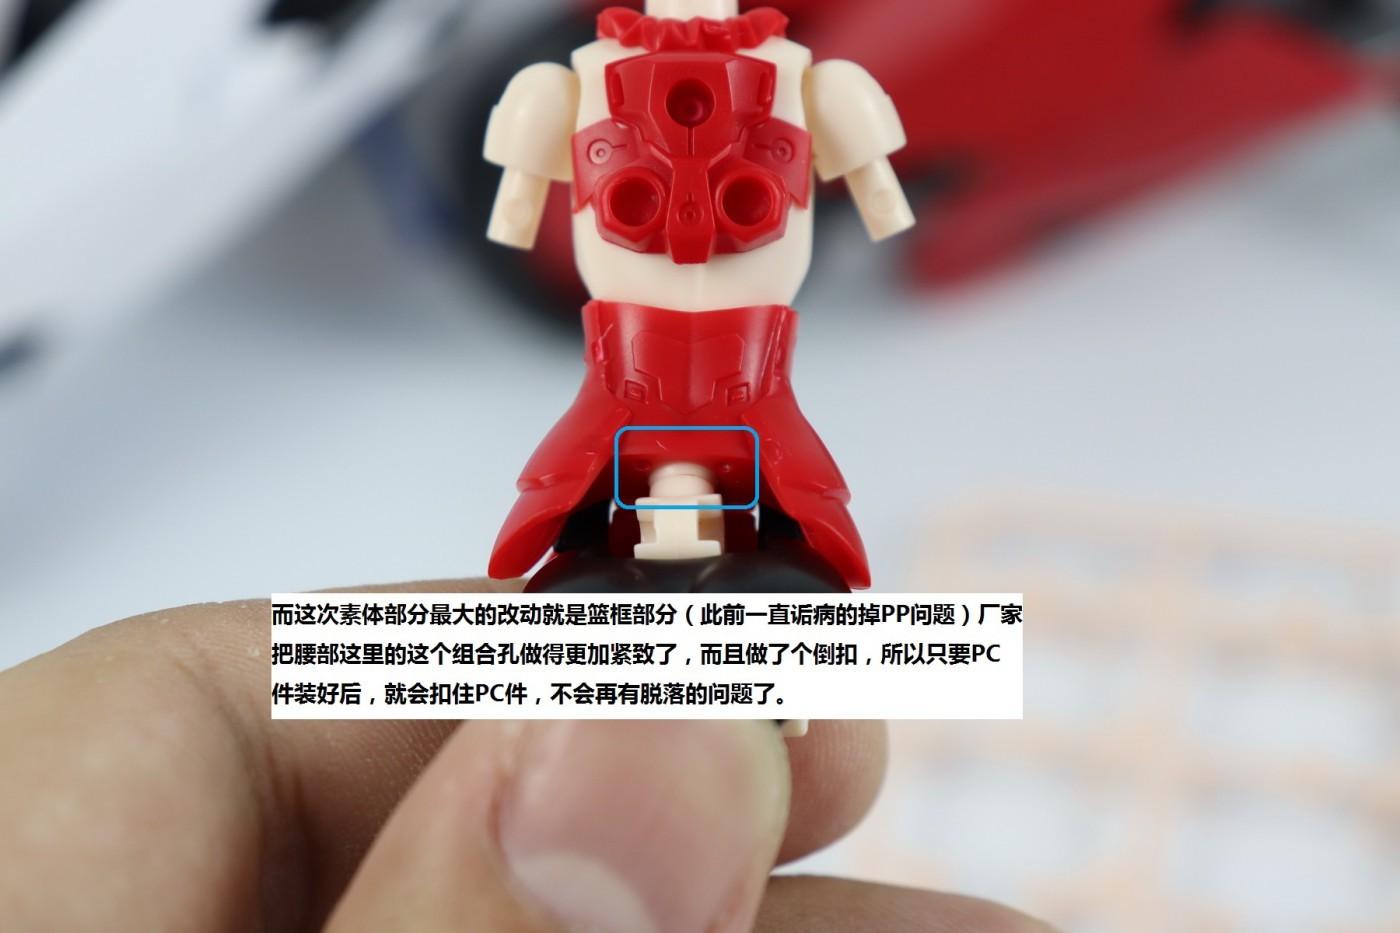 S284_PrettyArmor_v3_red_inask_044.jpg